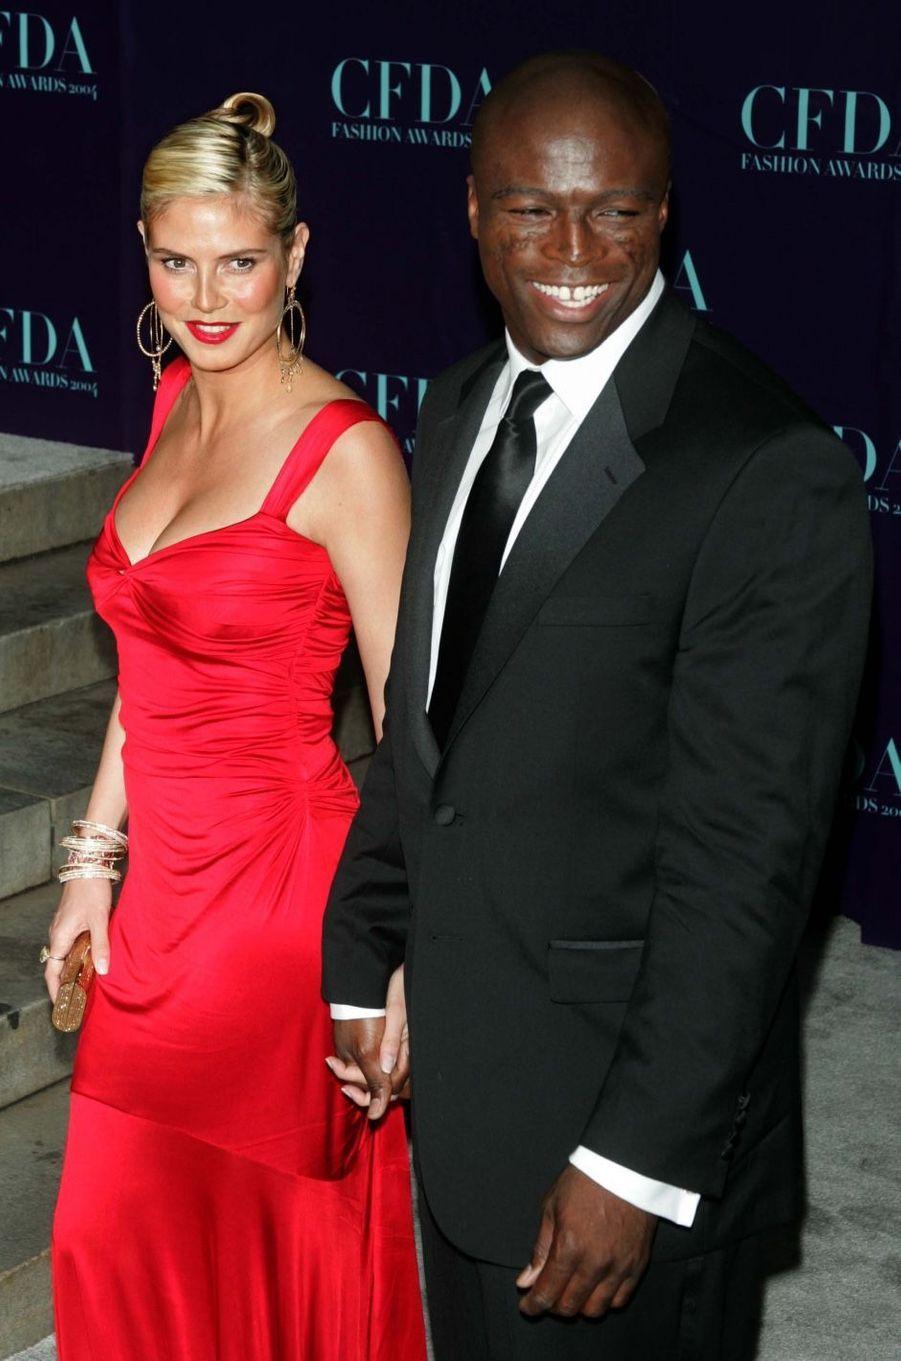 Heidi Klum et Seal en 2004. Ils se sont mariés en 2005 et ont divorcé en 2012. Ils ont aussi eu quatre enfants.